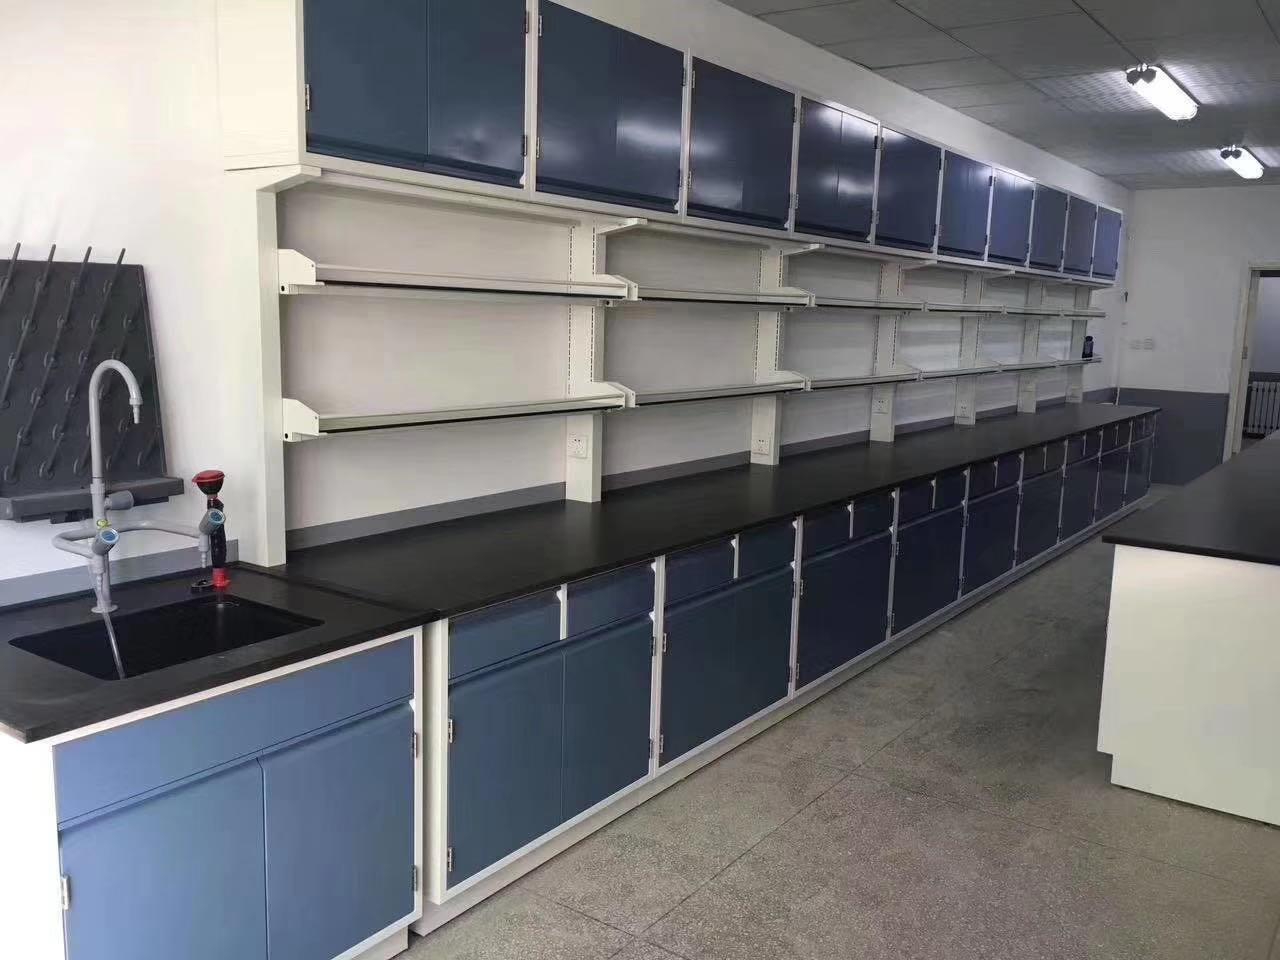 苏州春凯实验设备有限公司试剂架系列